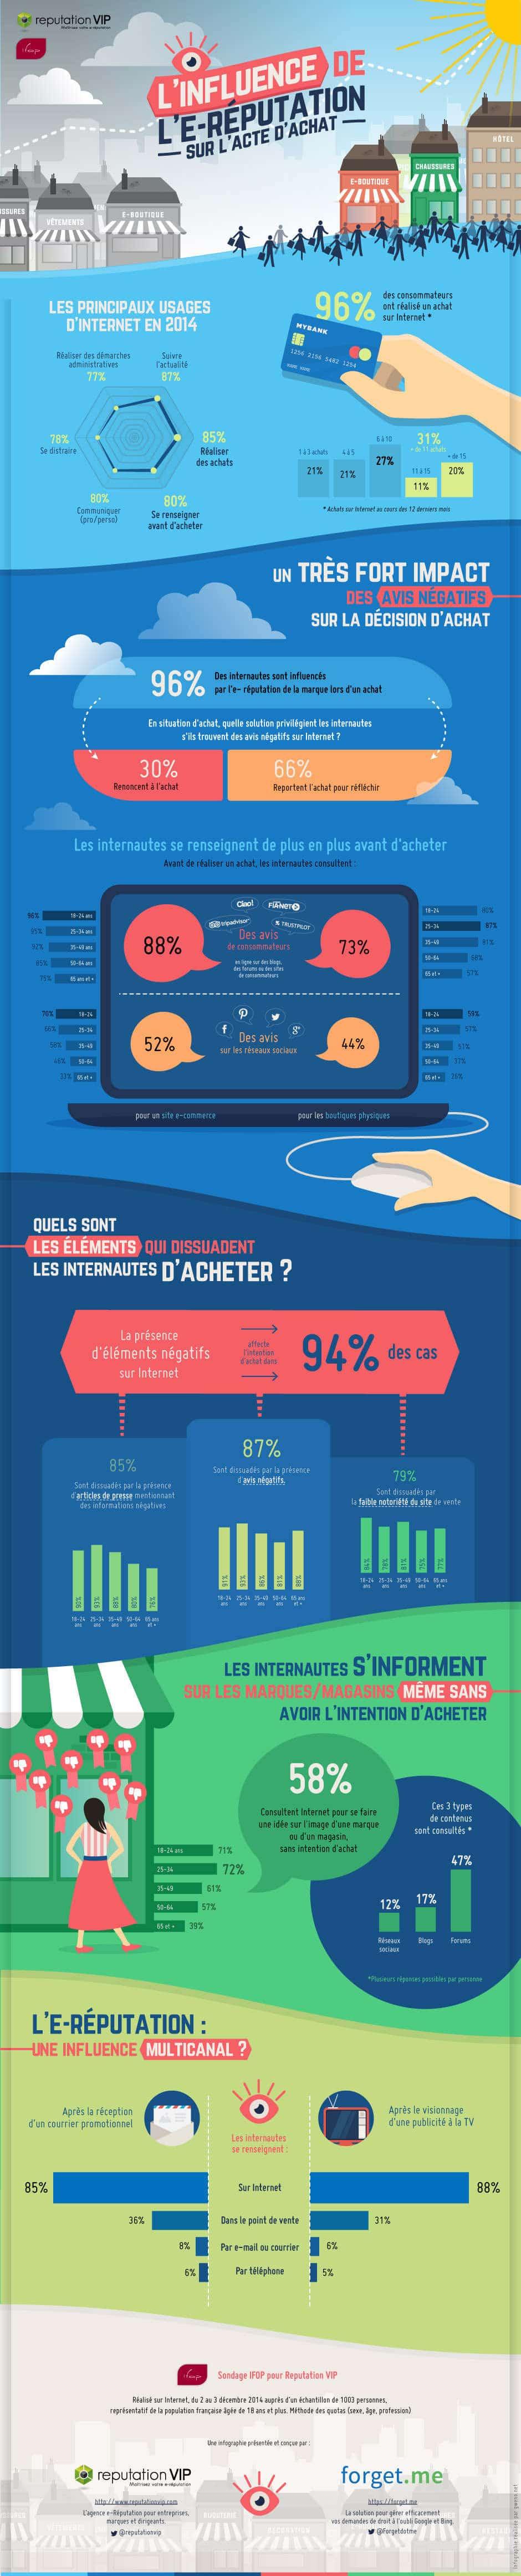 Infographie influence de l'e-reputation sur les achats